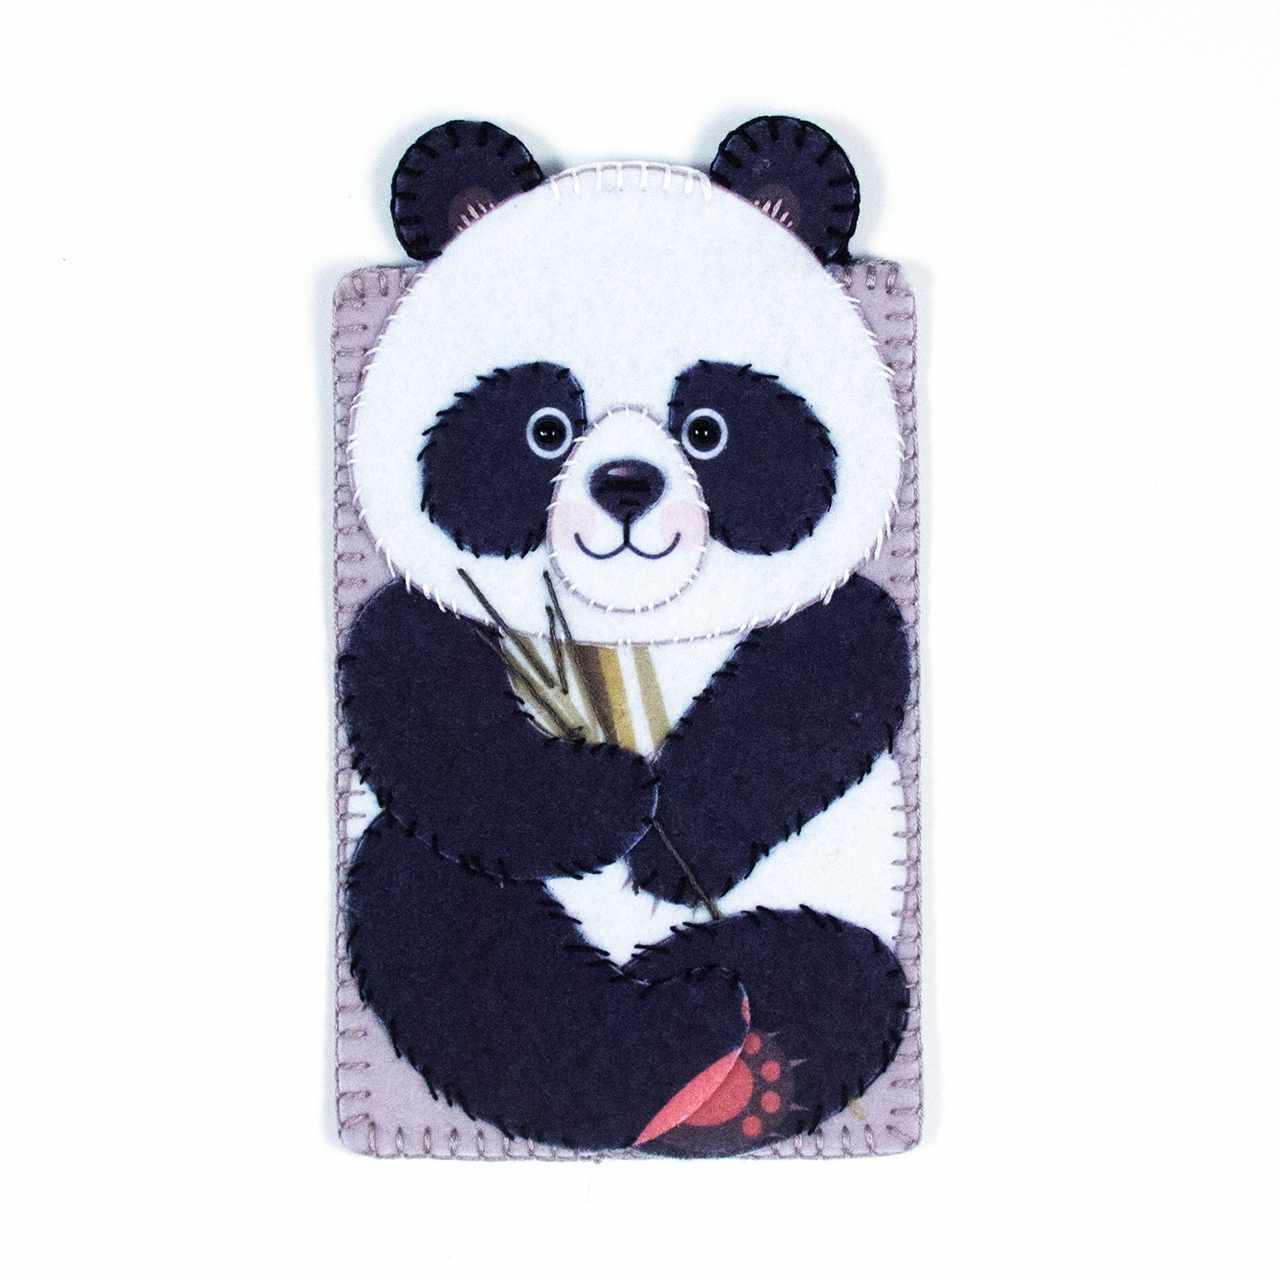 """8366 Чехол для телефона """"Милая панда"""" - набор для вышивания (МП)"""